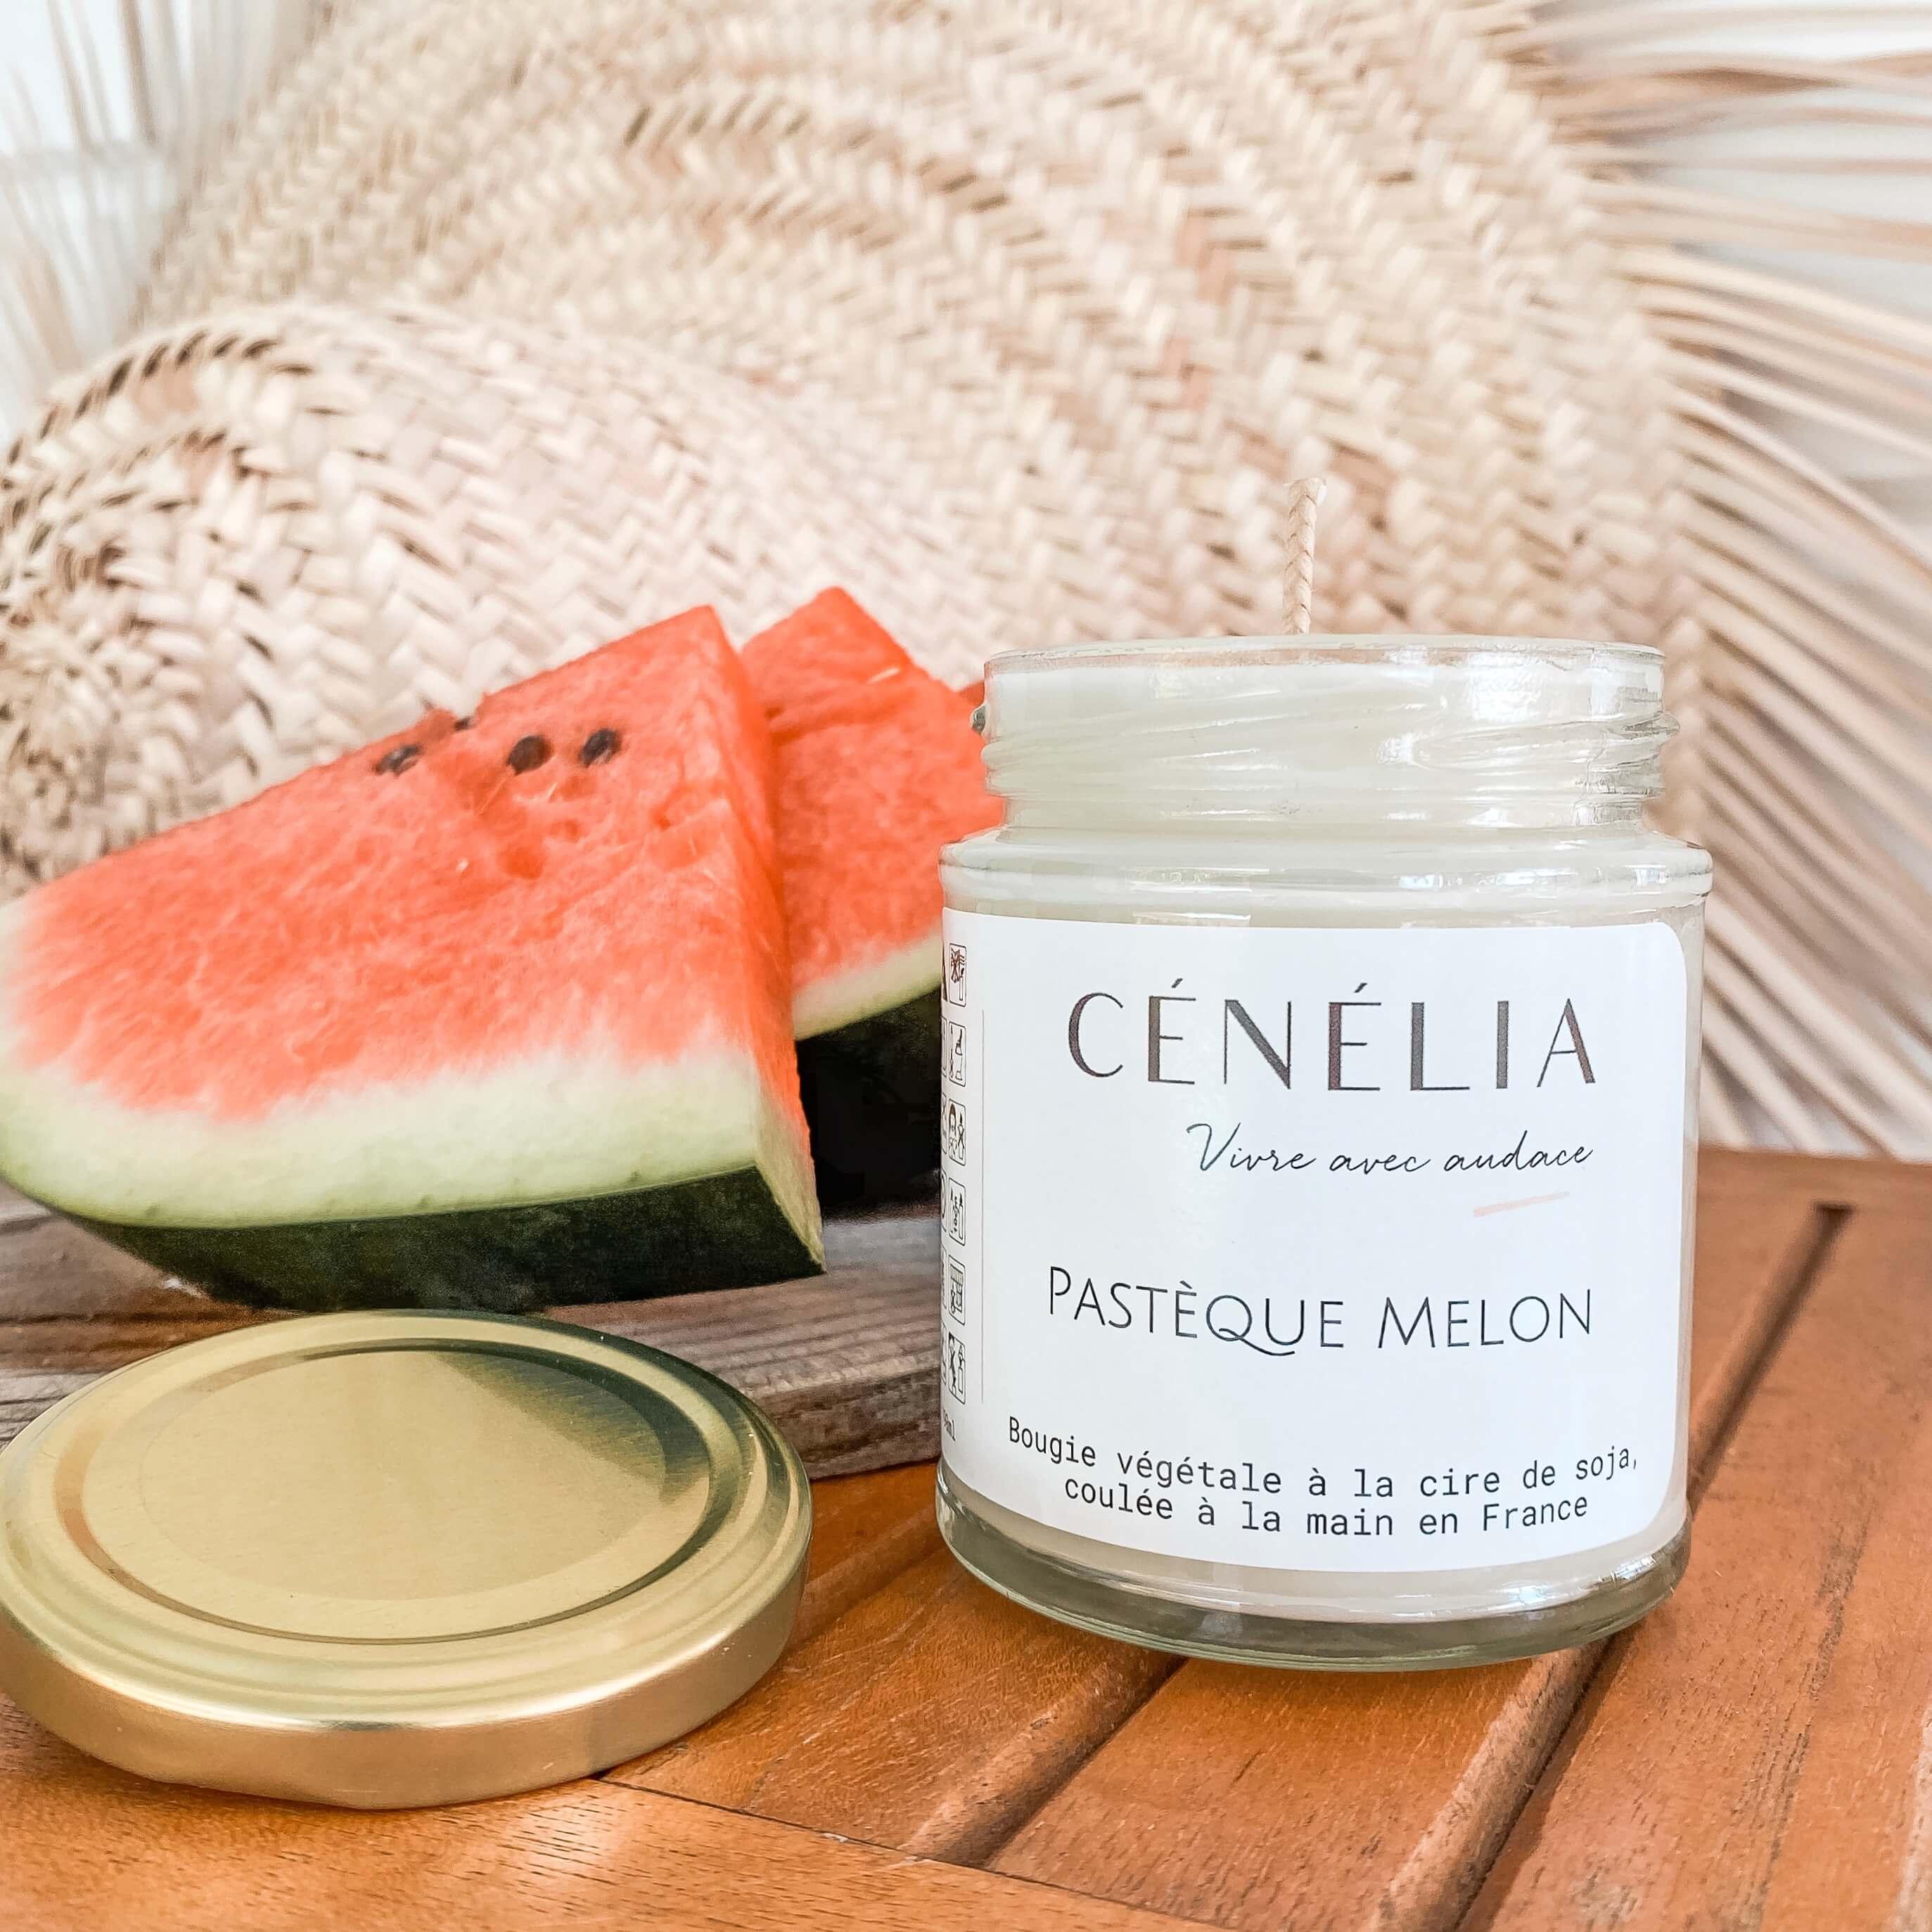 Bougie pastèque melon - Cénélia